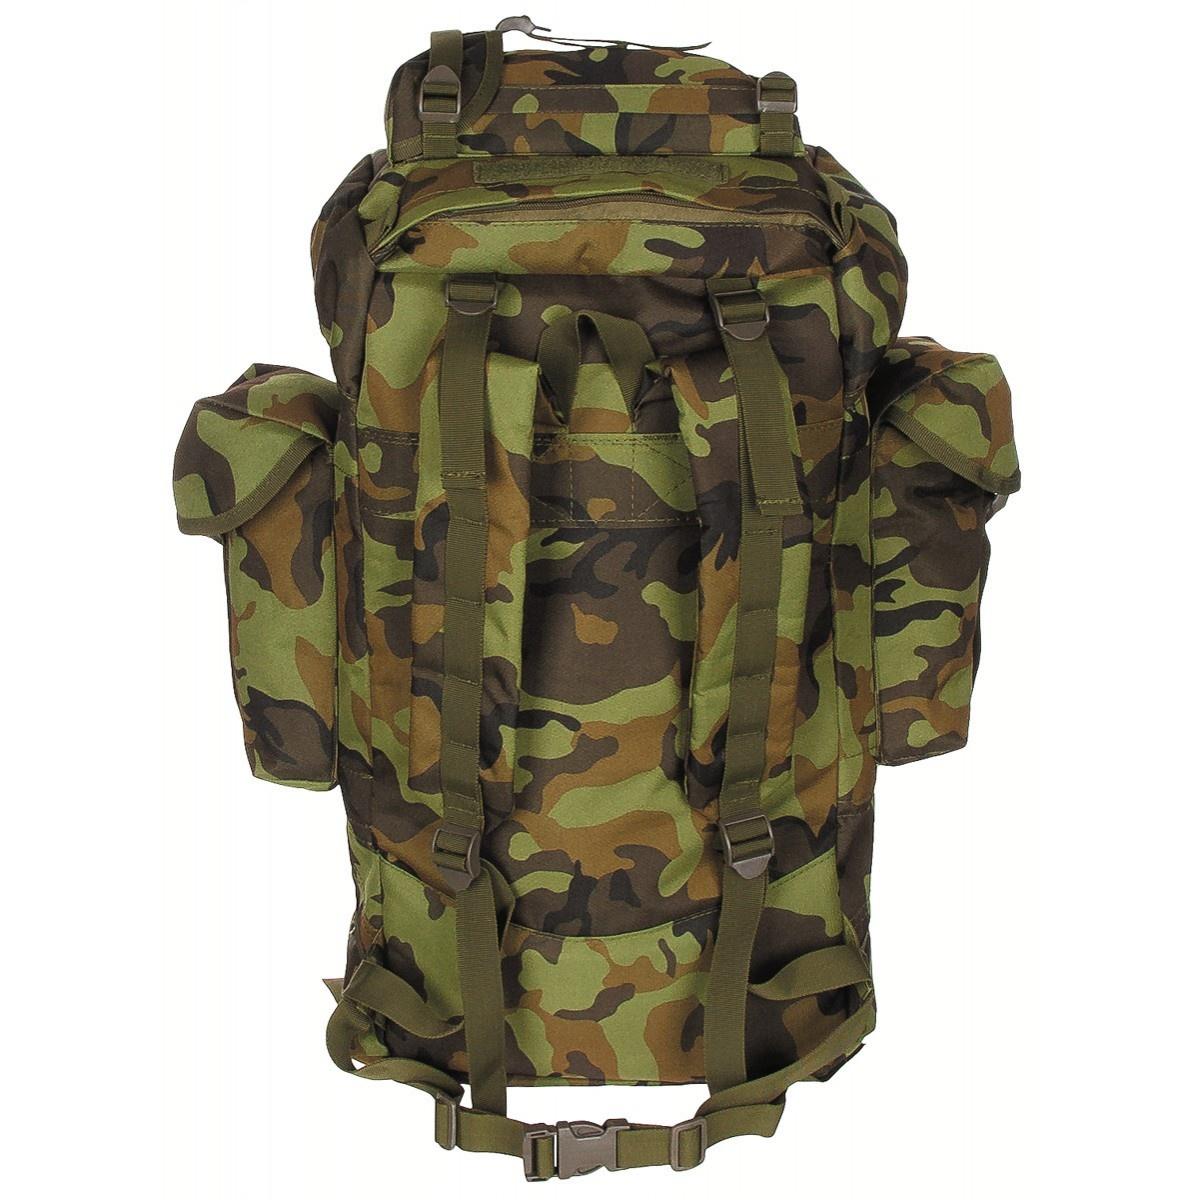 MFH Combat backpack BW 65l M95 - CZ